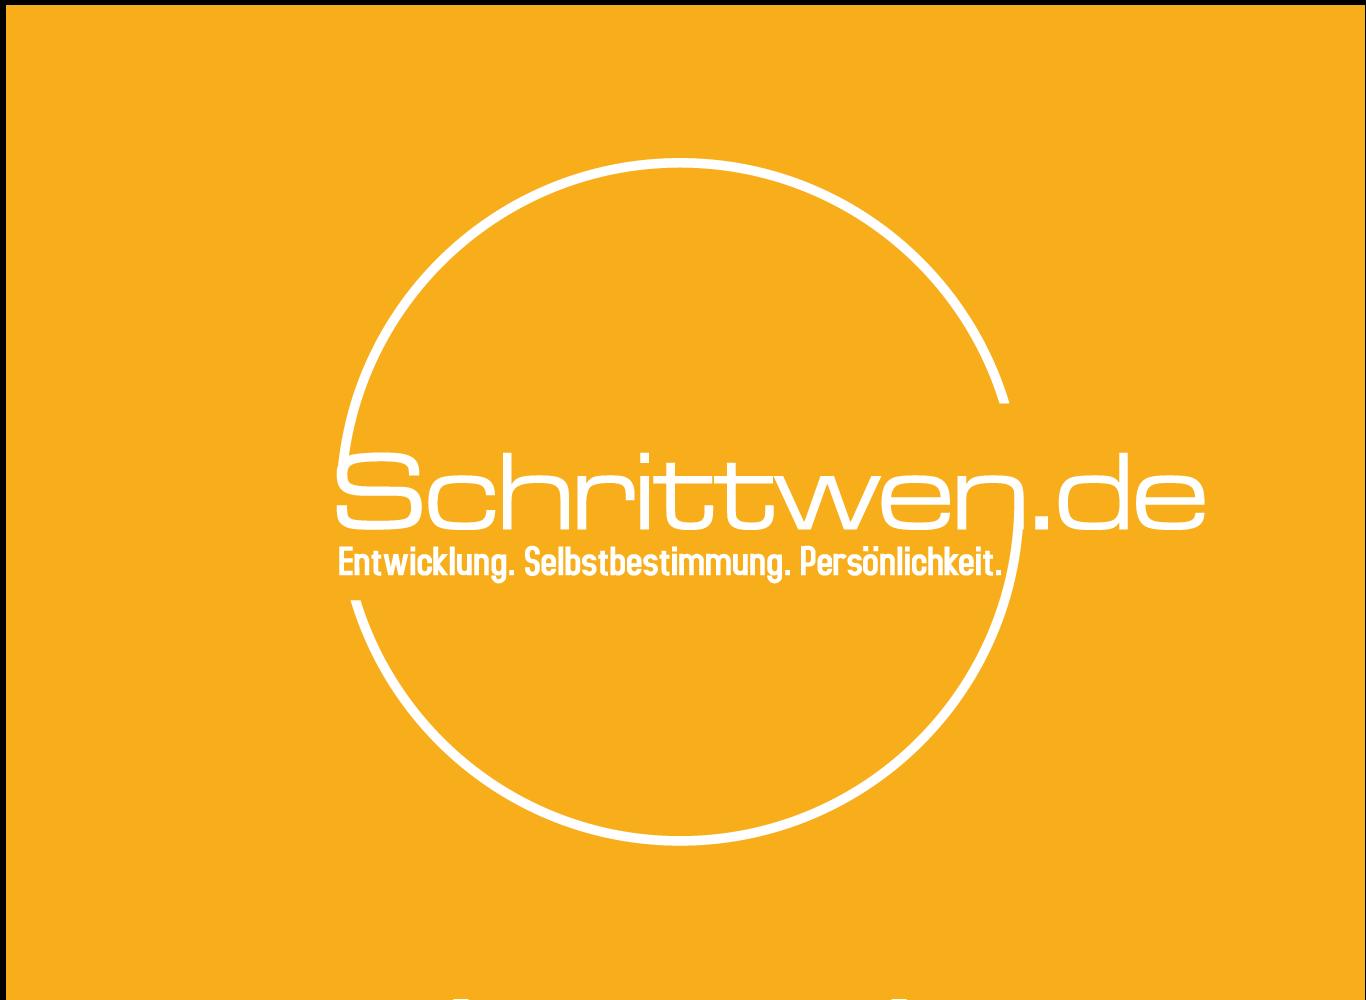 Schrittwen.de braucht ein klares aussagekräftiges Logo, dass freundlich, warm und positive ist